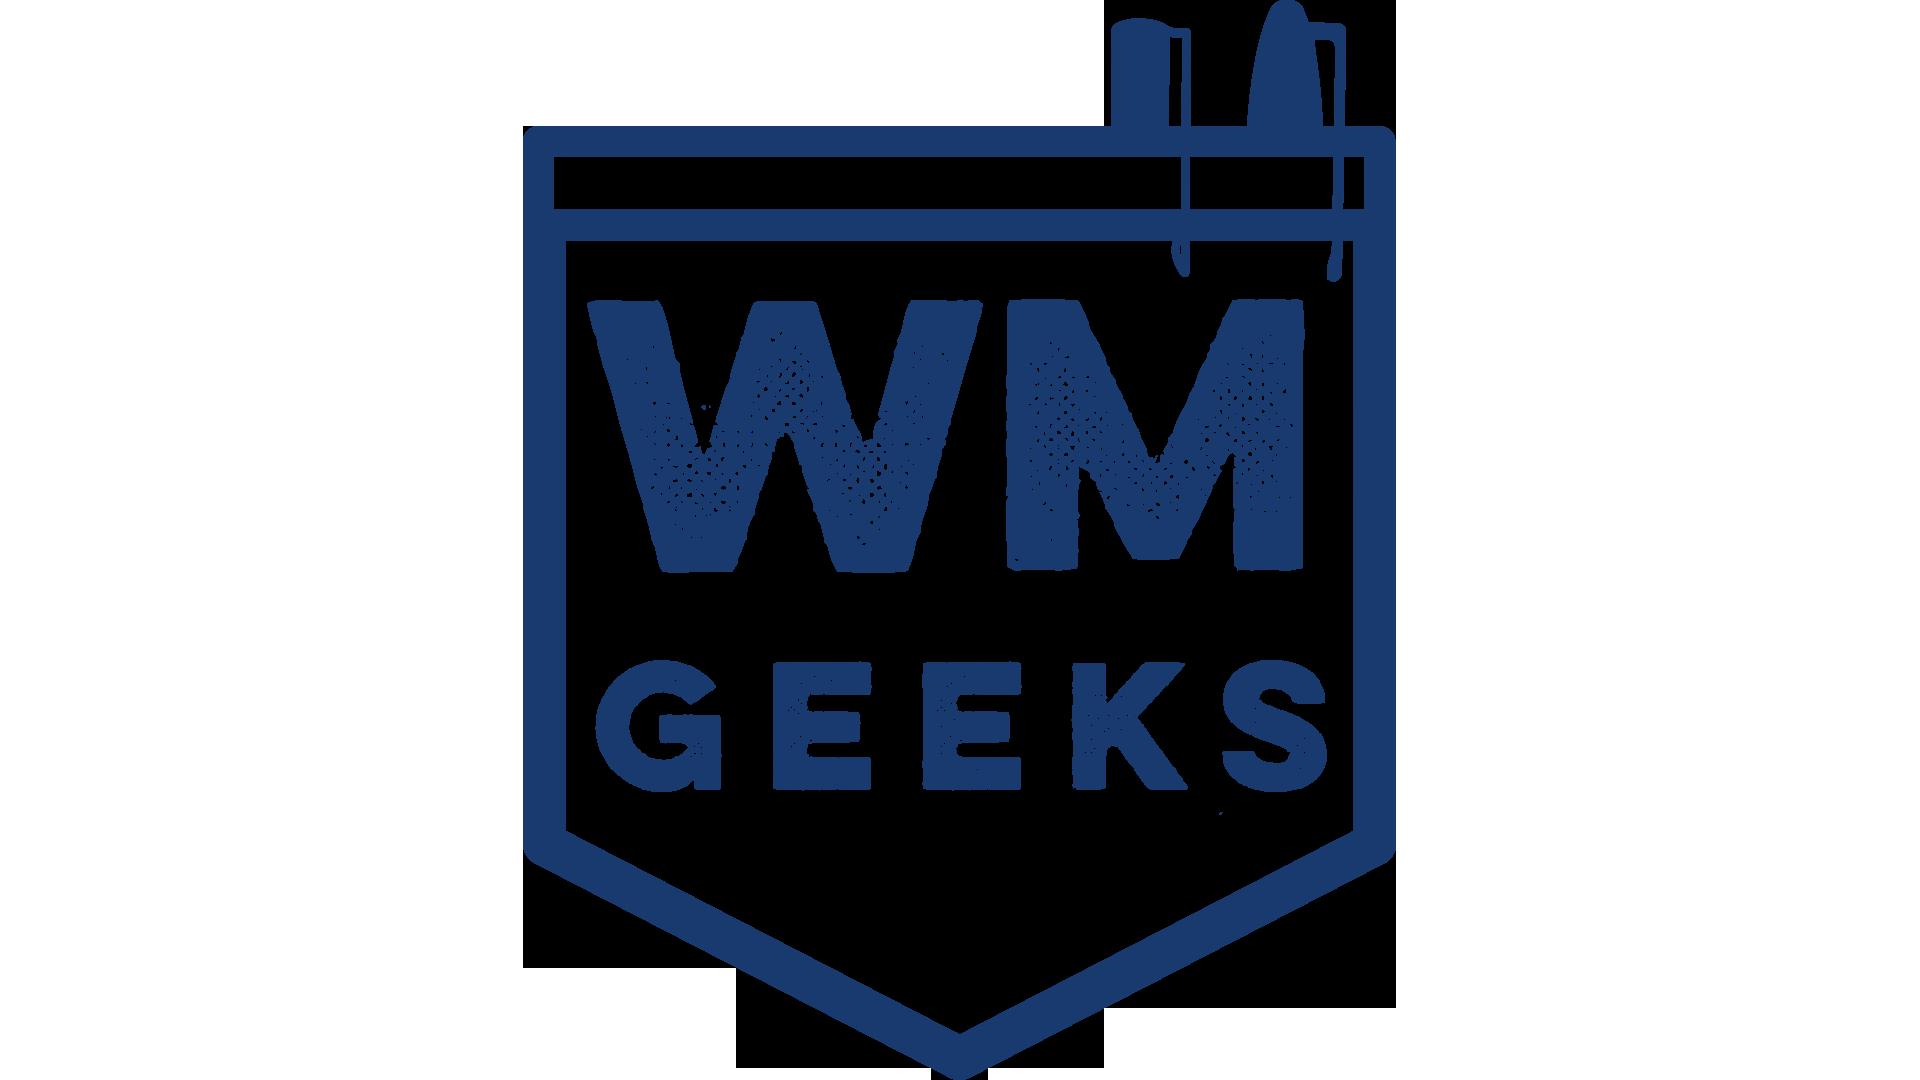 West Michigan Geeks